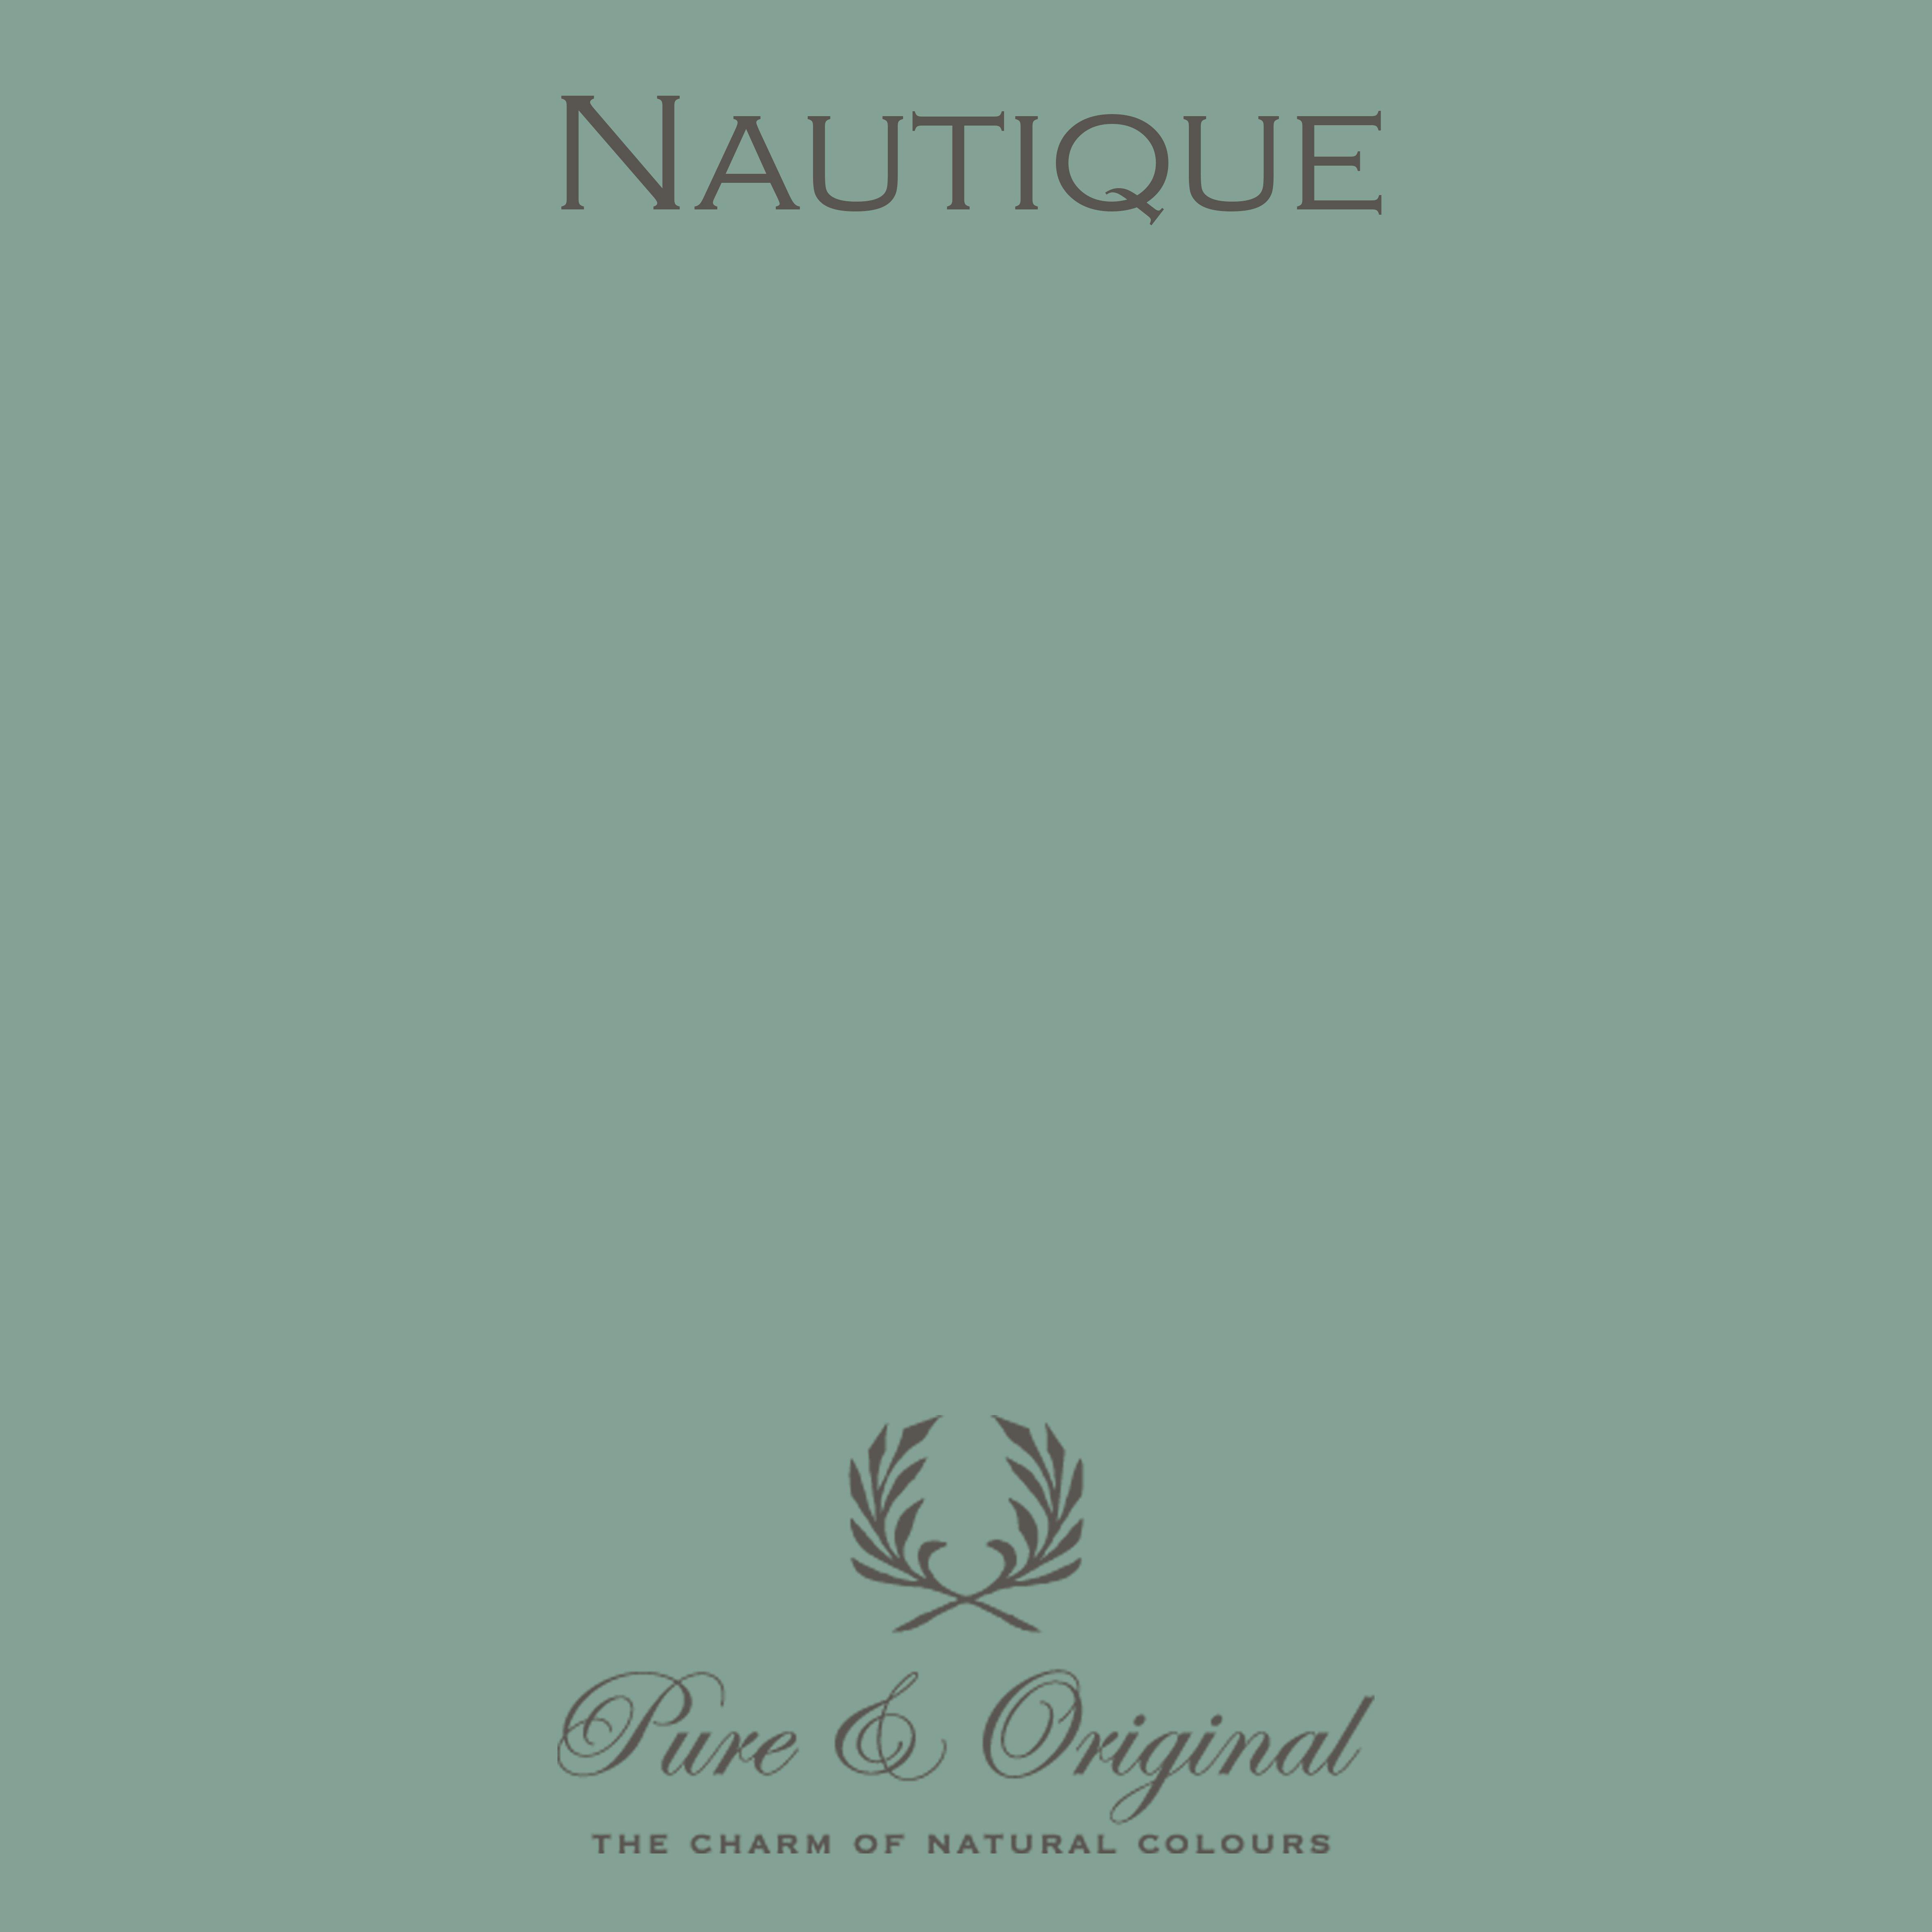 Nautique